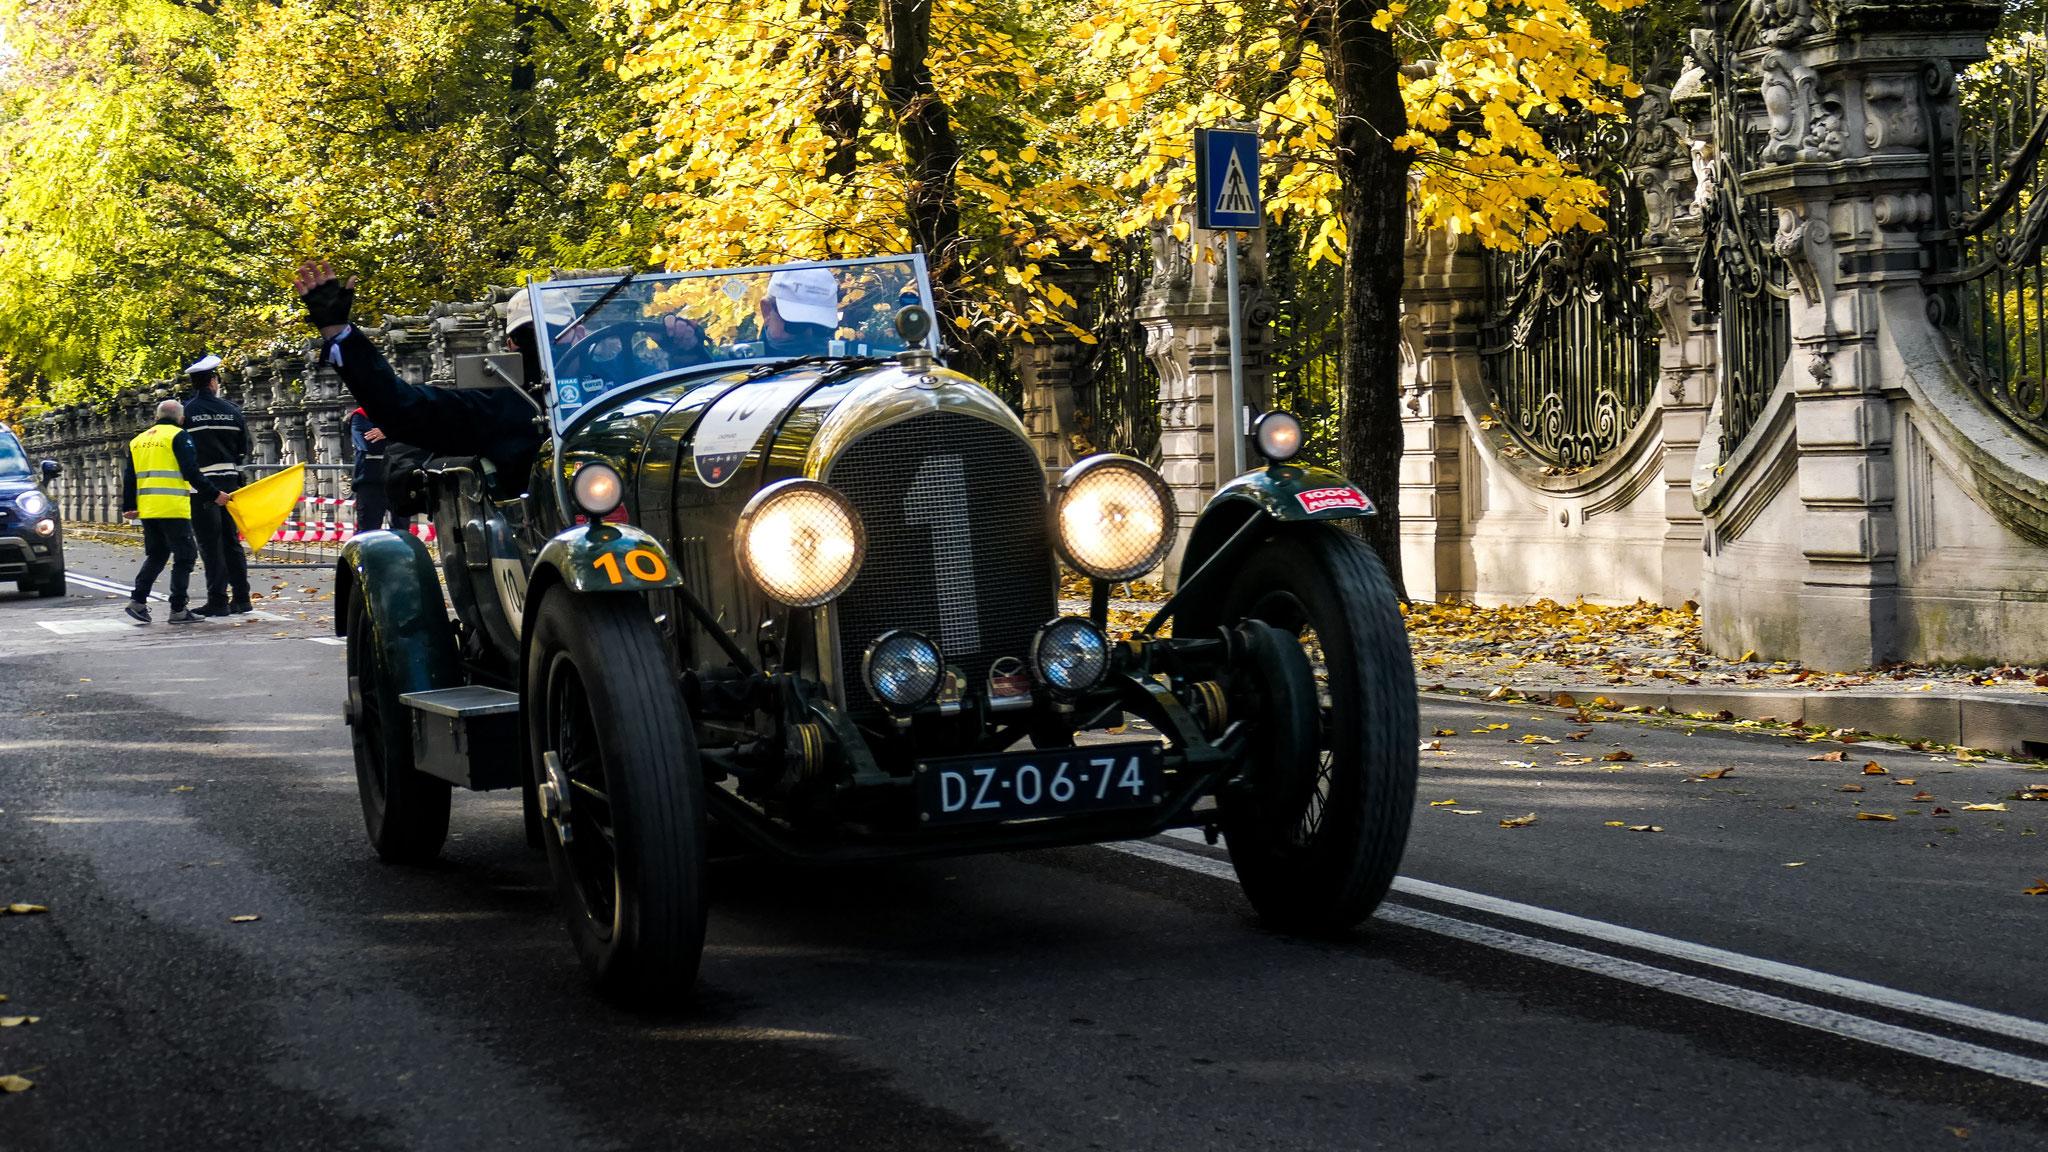 Bentley 3 Litre - DZ-06-74 (NED)